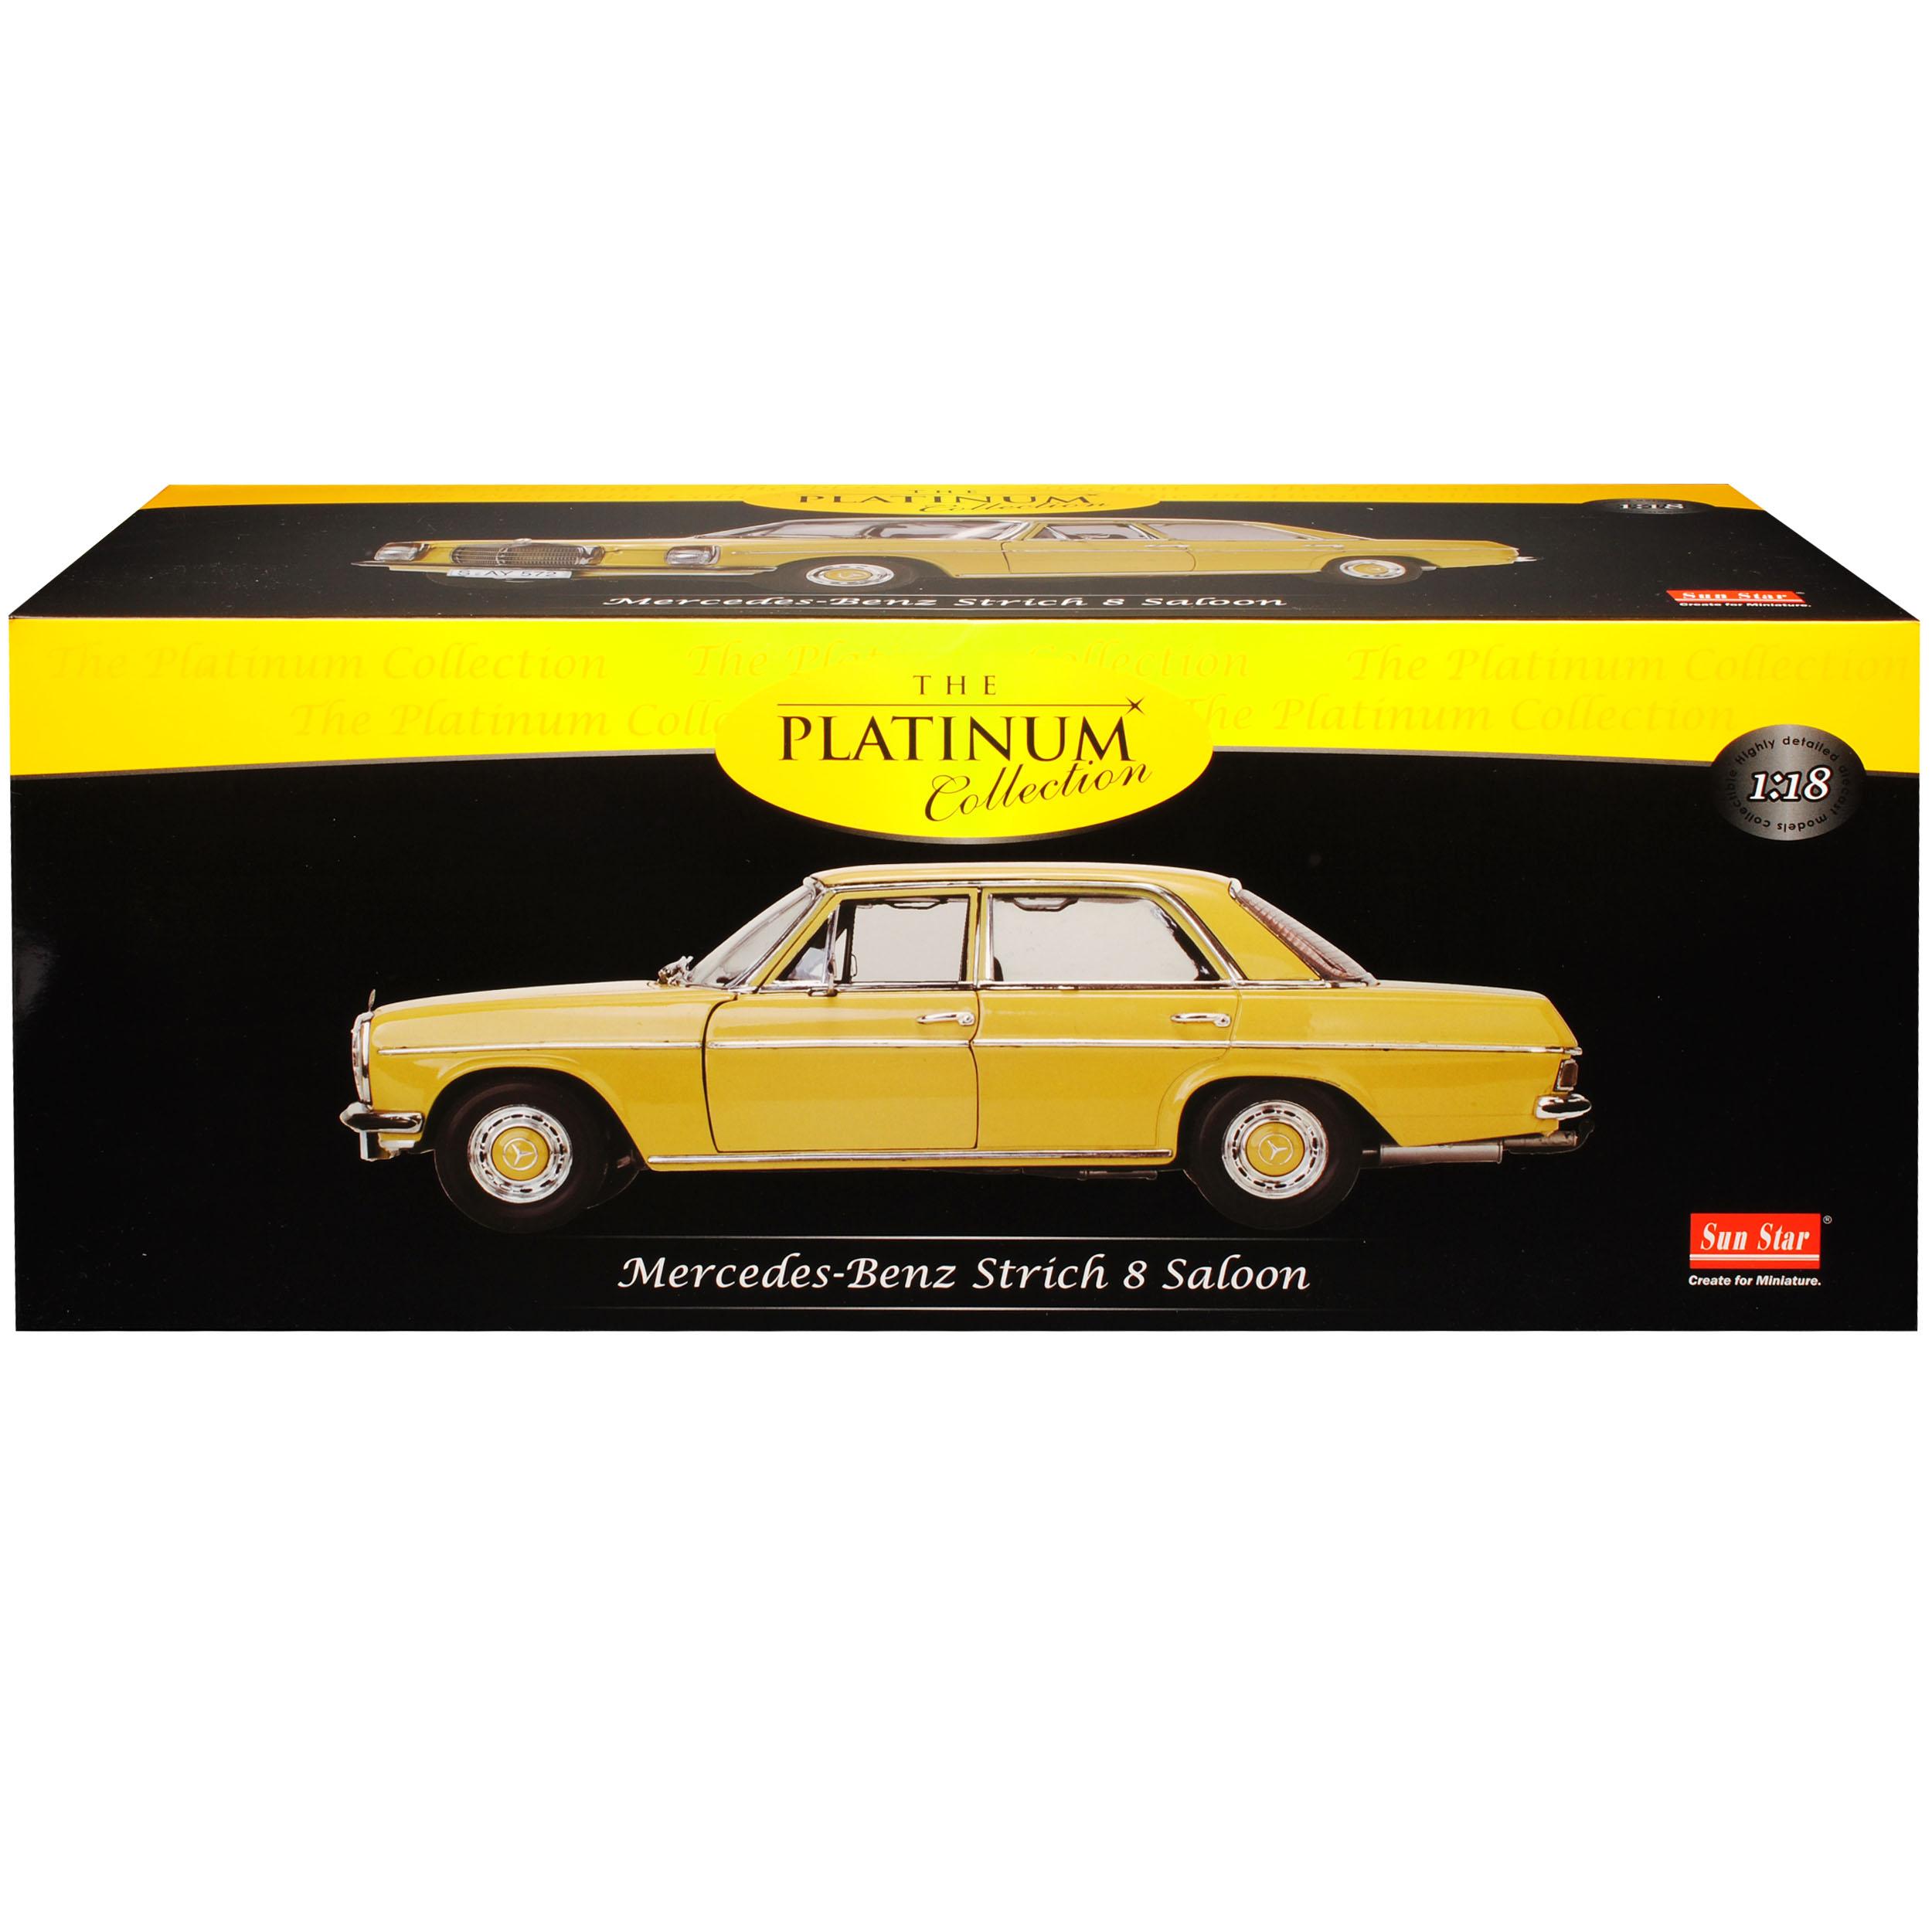 Mercedes-Benz-8-Strich-Acht-Limousine-Beige-Sahara-Gelb-W114-1967-1976-1-18-S Indexbild 10